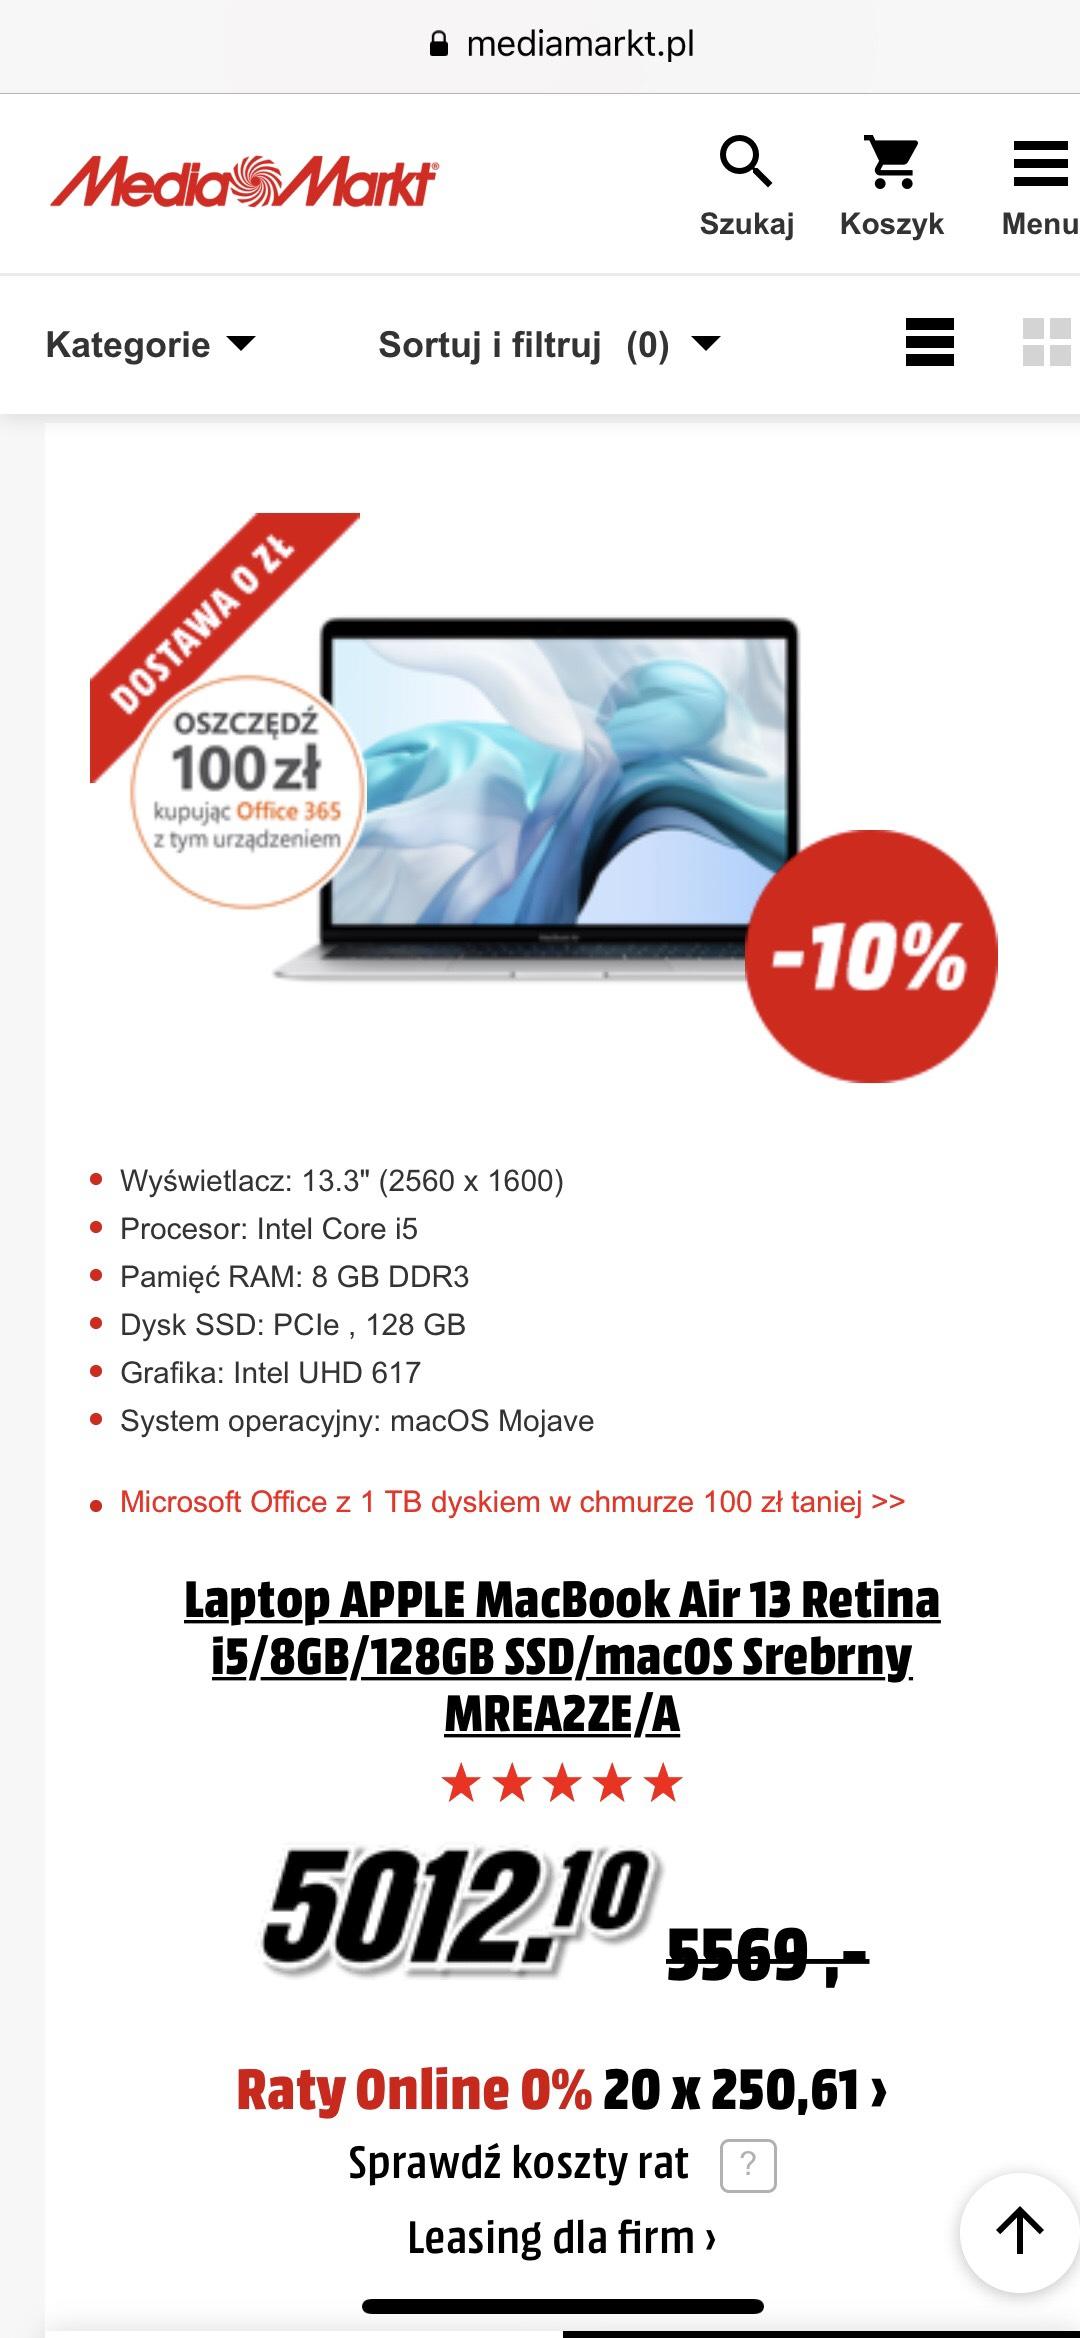 Laptop APPLE MacBook Air 13 Retina i5/8GB/128GB SSD/macOS Srebrny MREA2ZE/A